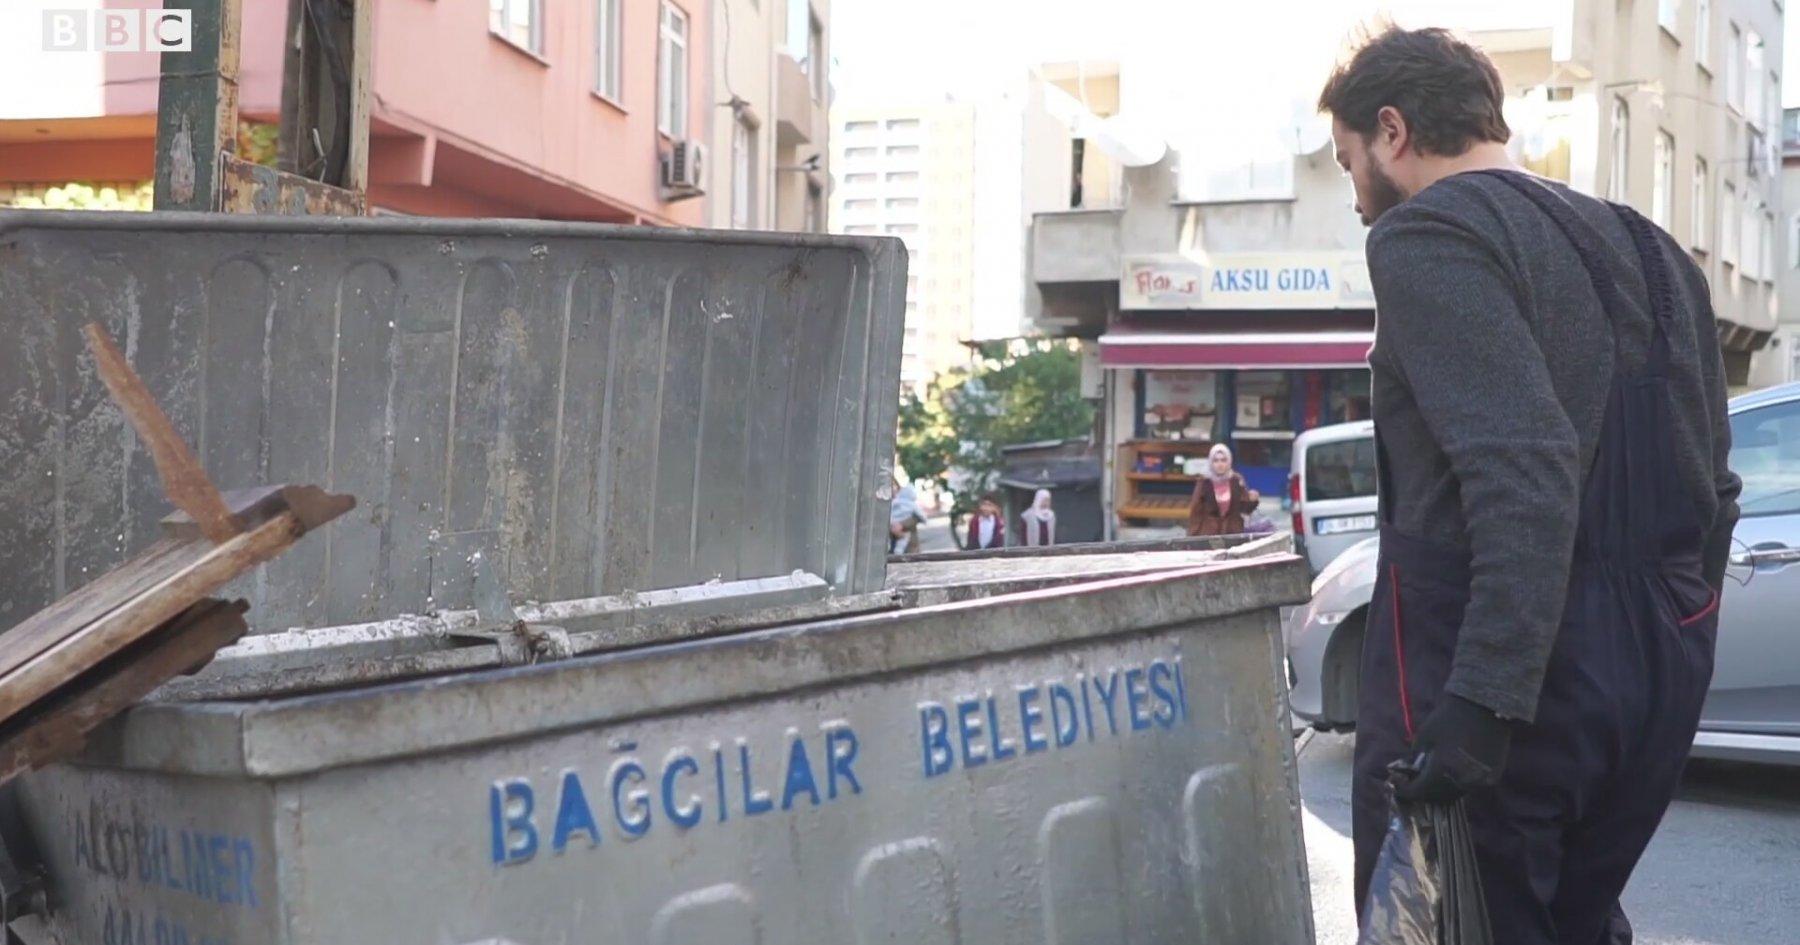 Çöplerden semt analizi: Bağcılar - Etiler